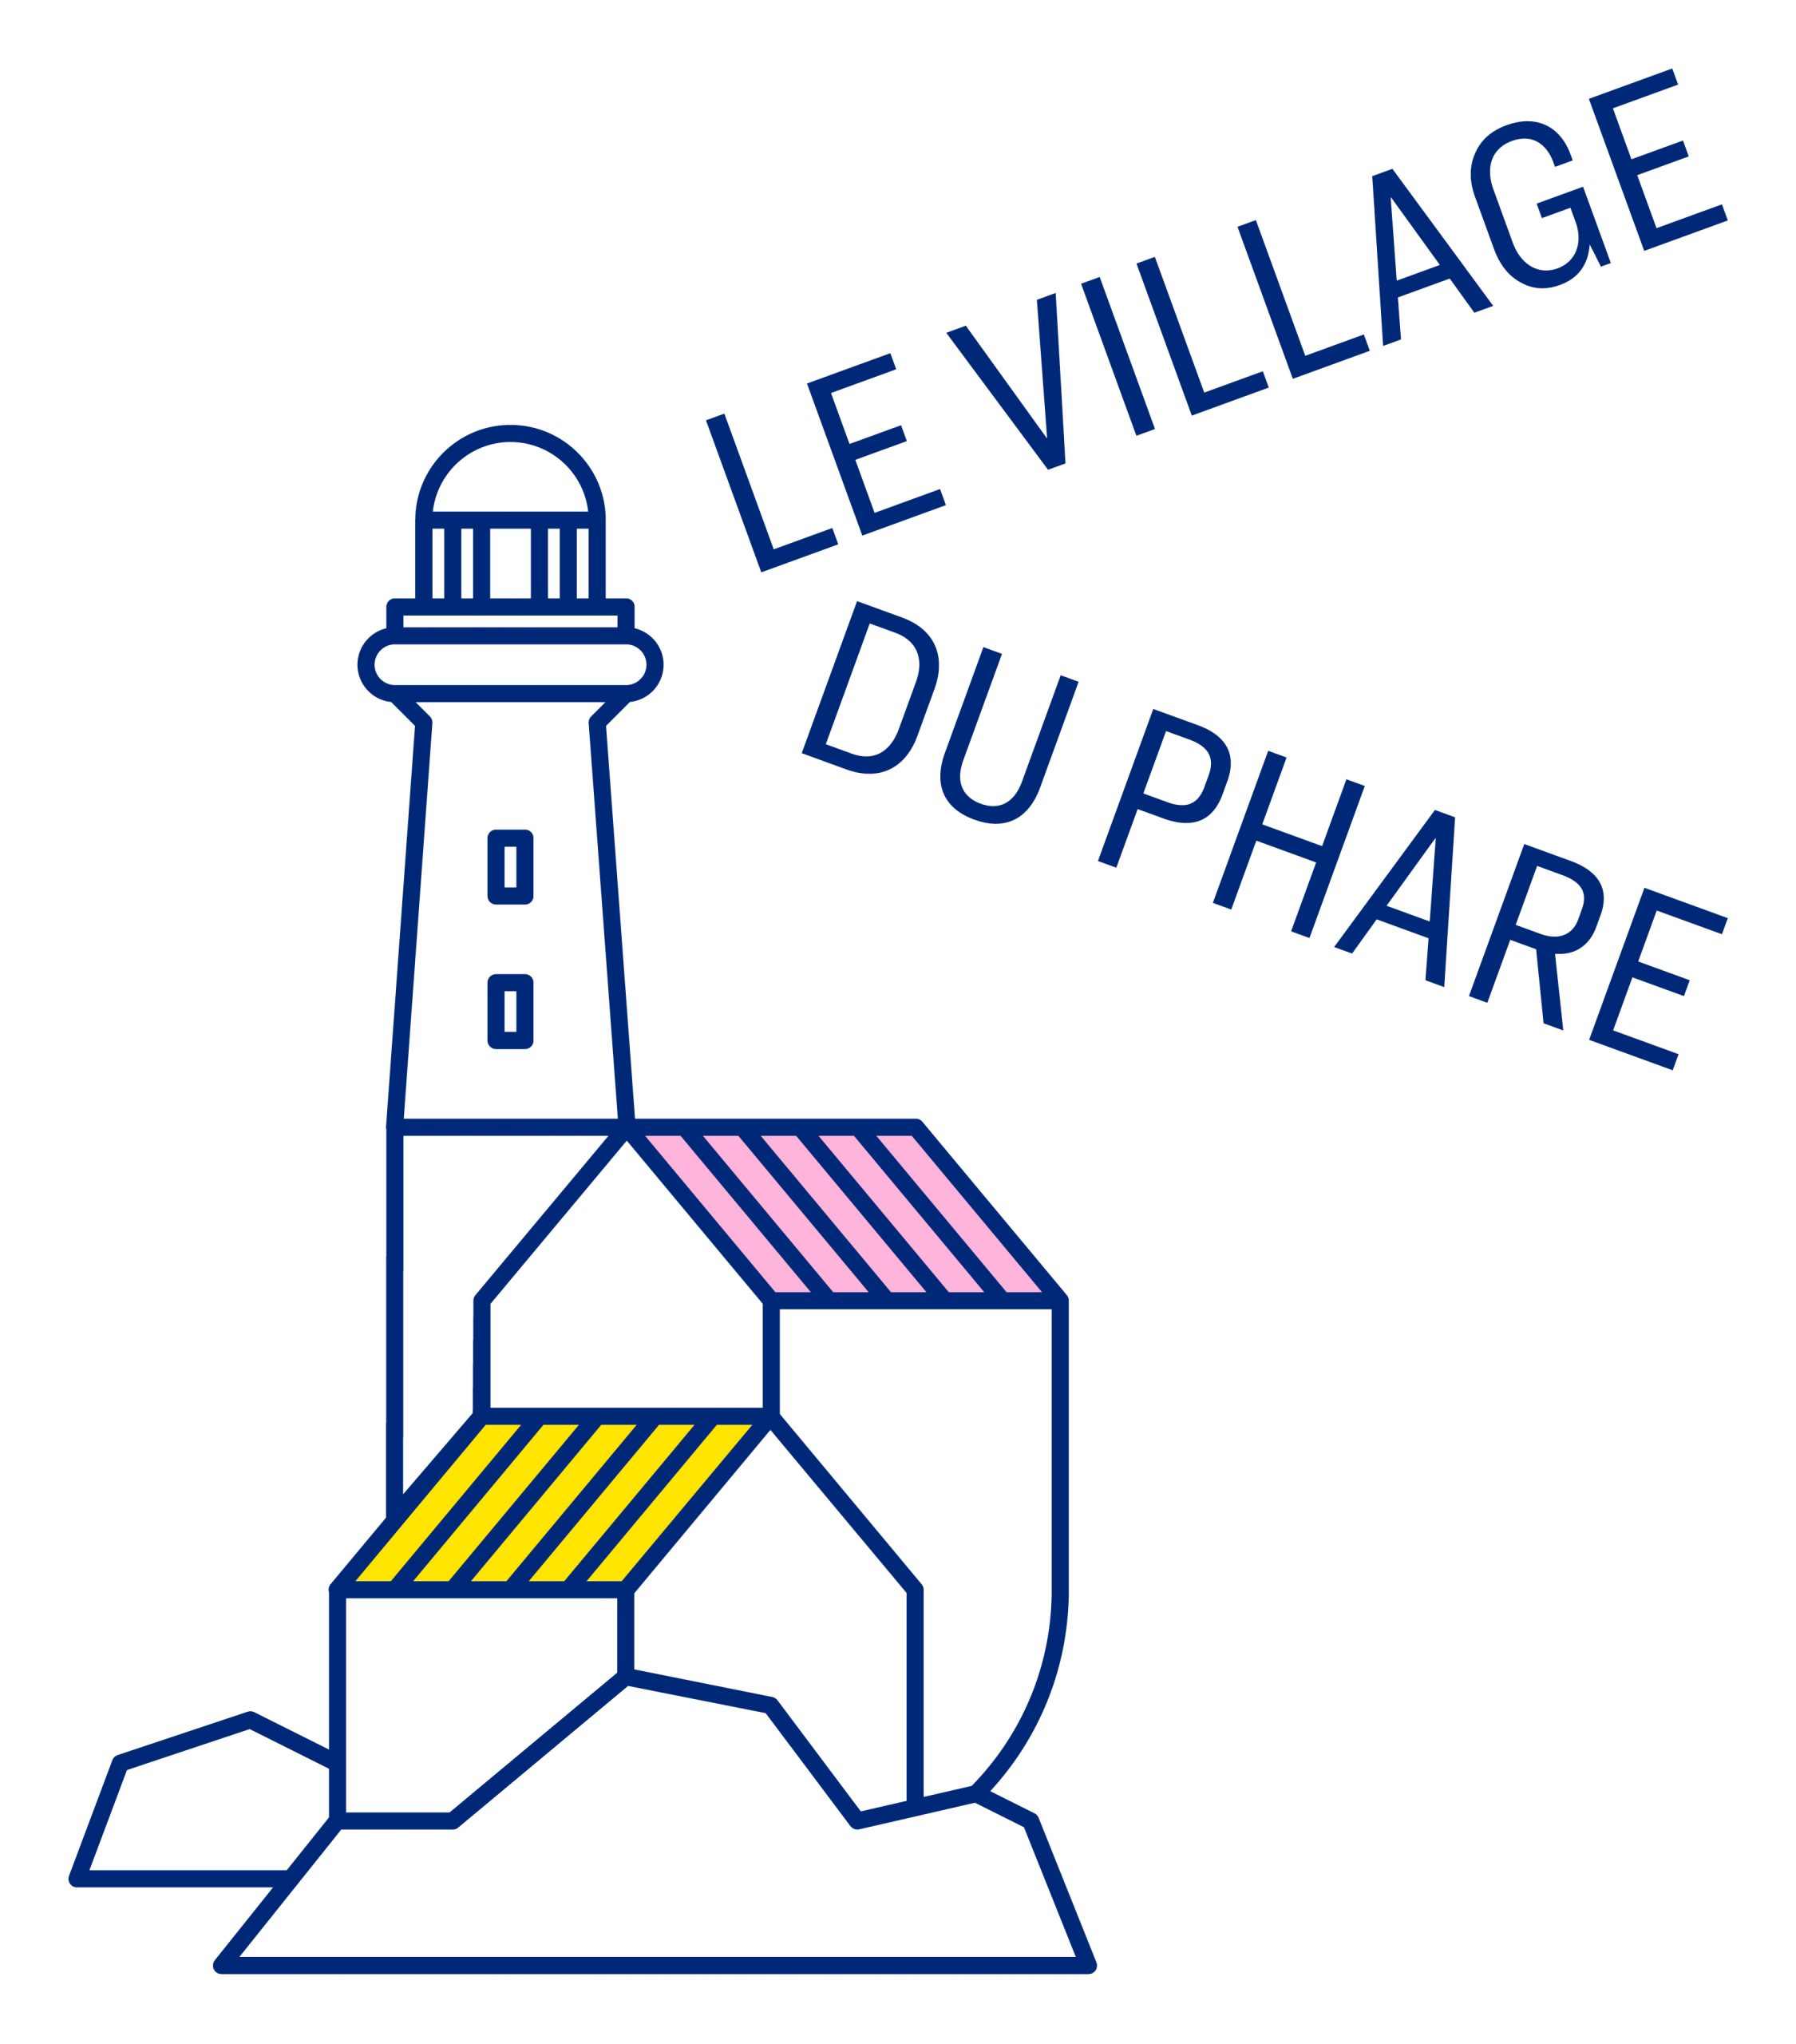 Village du Phare